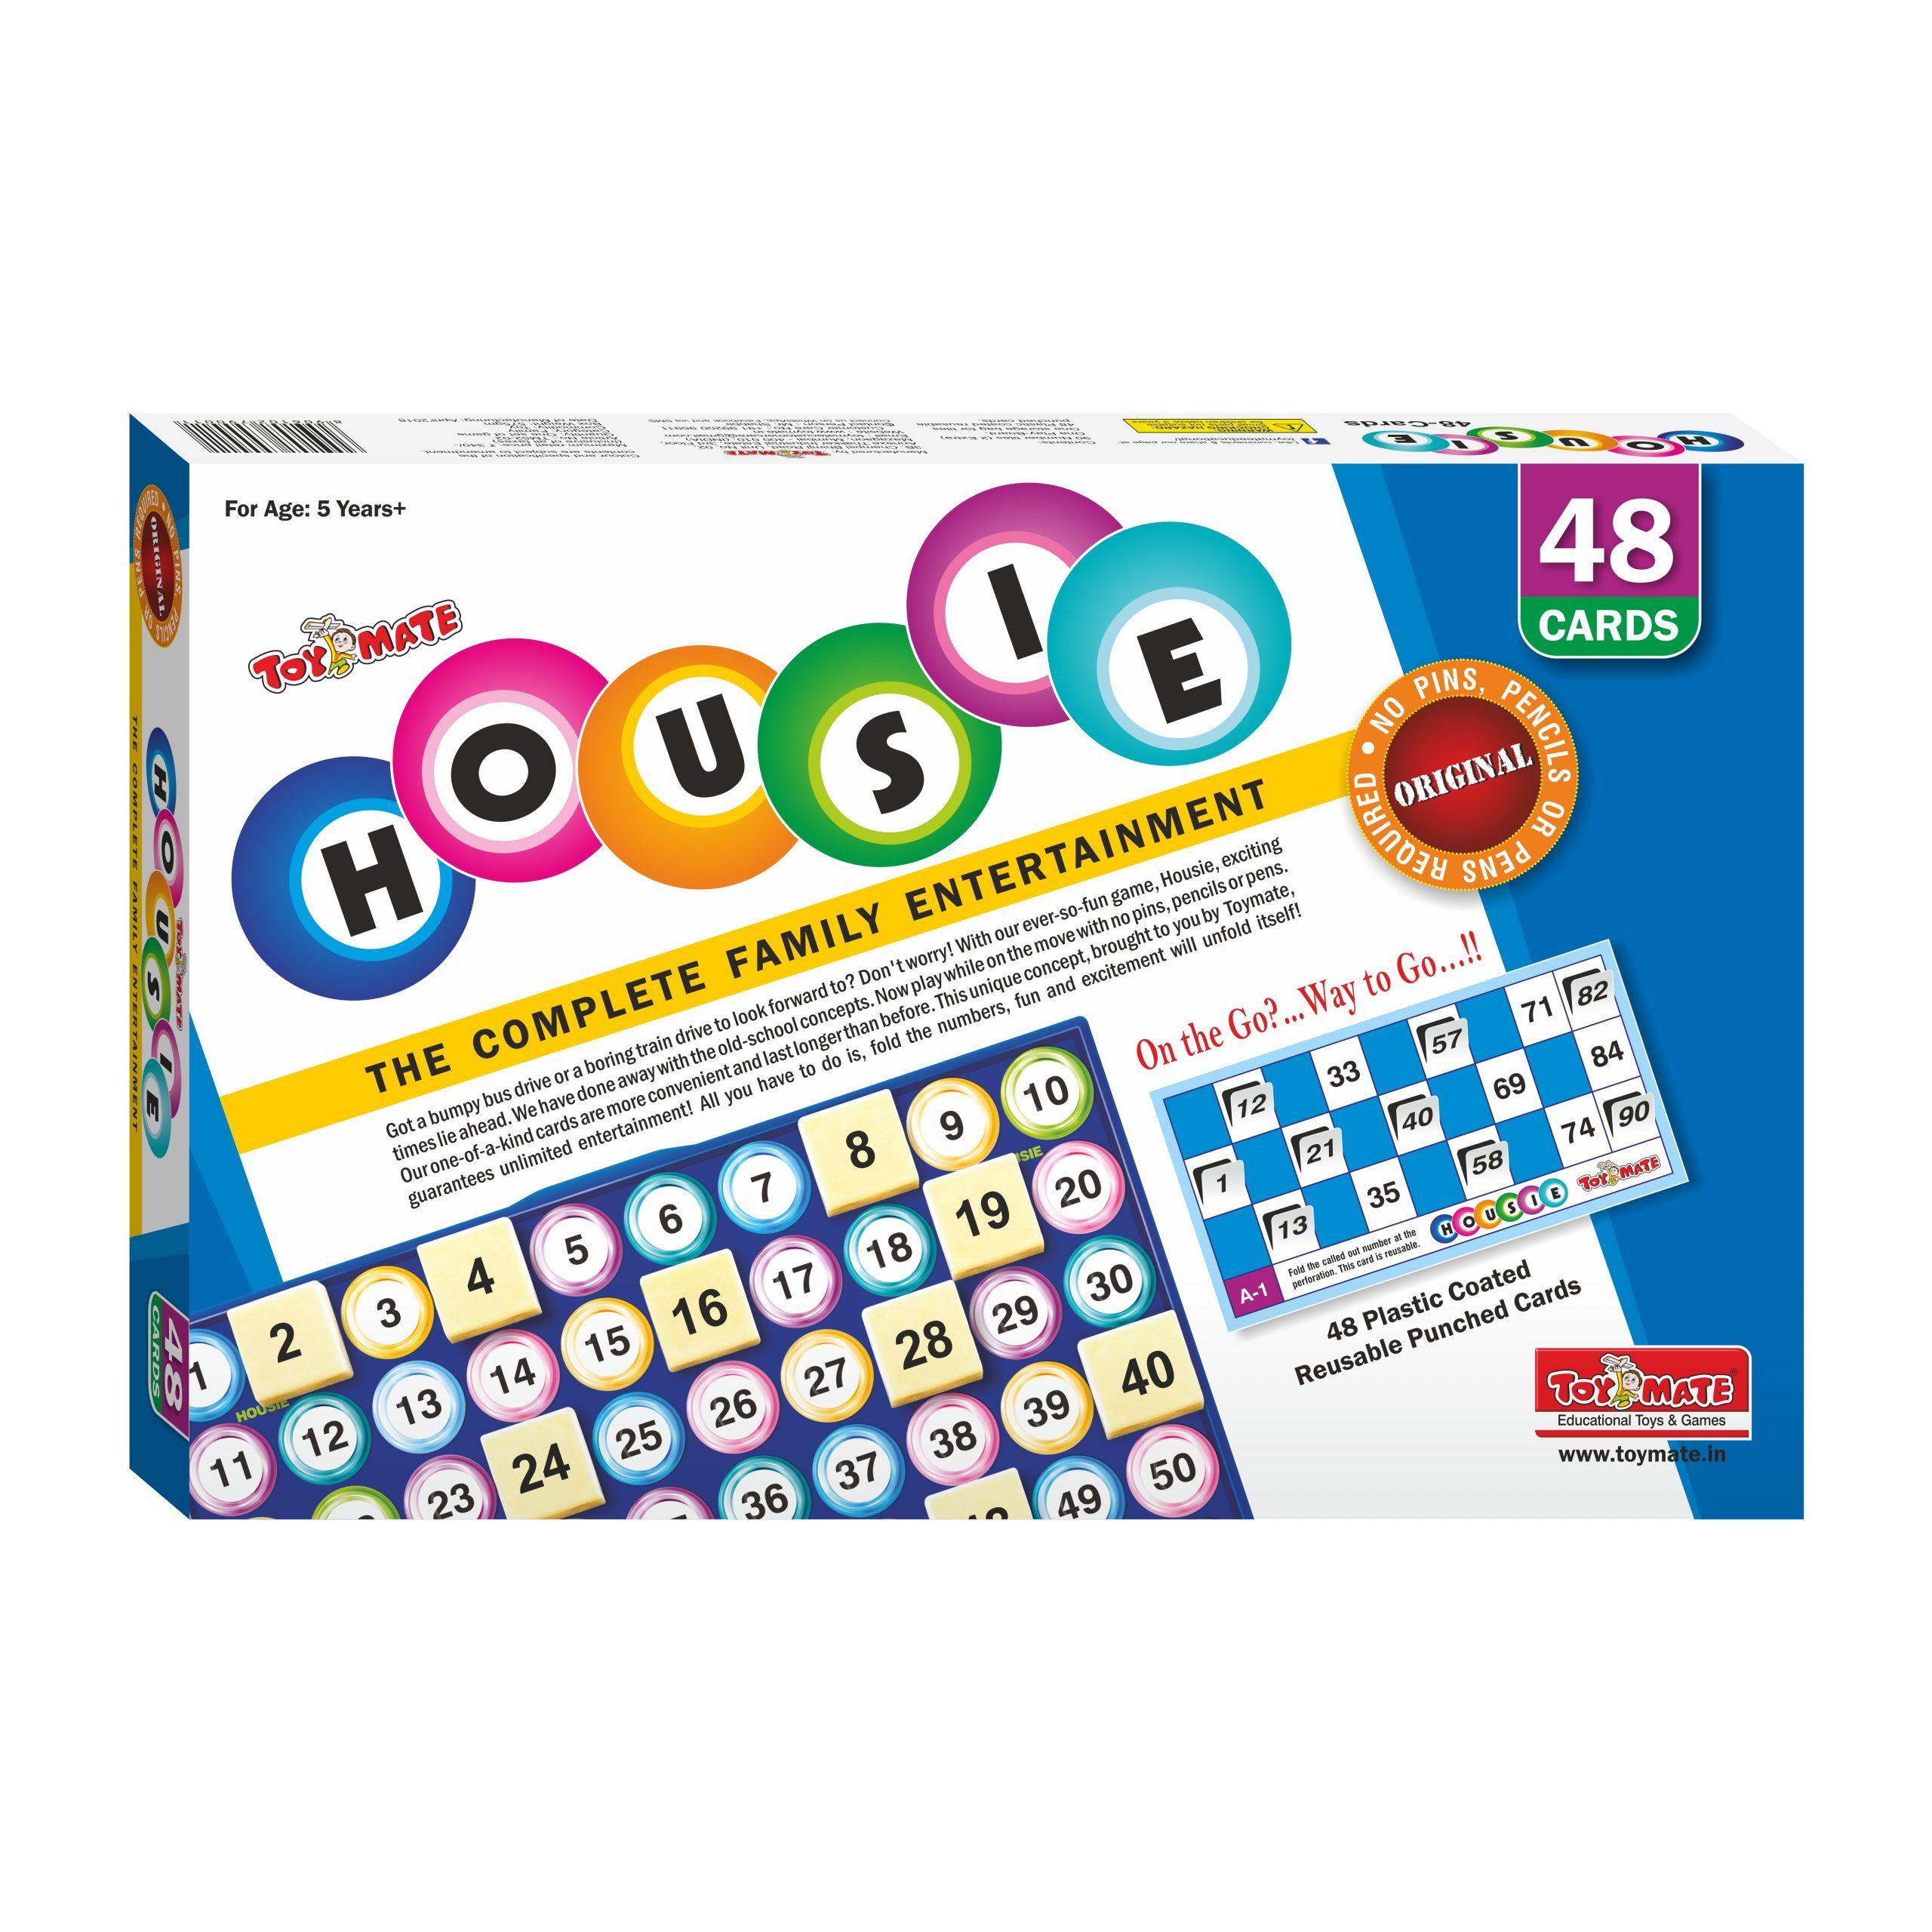 Housie – 48 Cards